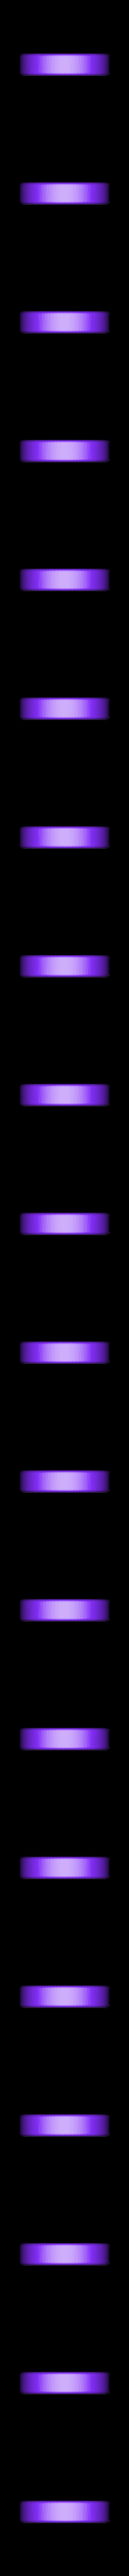 Circular_Drill_Holder.STL Télécharger fichier STL gratuit Porte-foret circulaire 1-10mm • Modèle à imprimer en 3D, TheFloyd